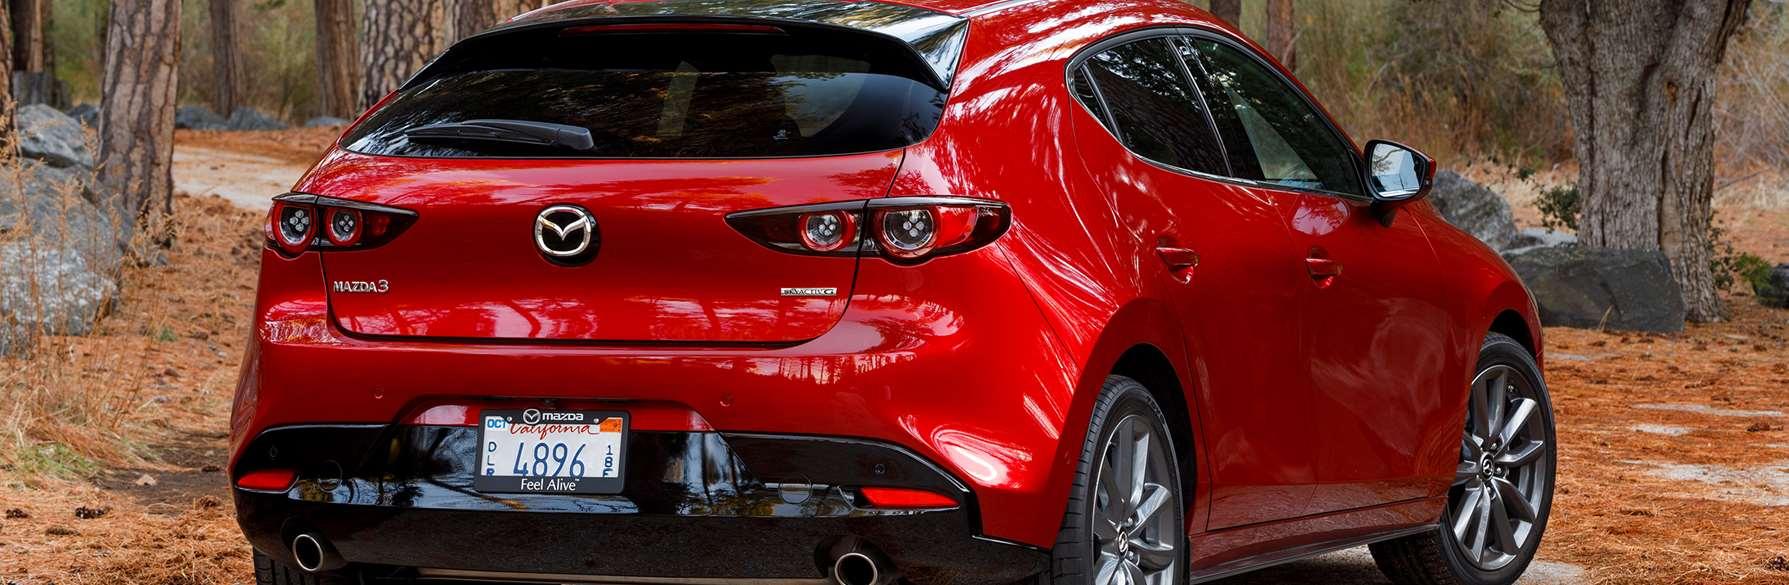 Review: 2019 Mazda 3